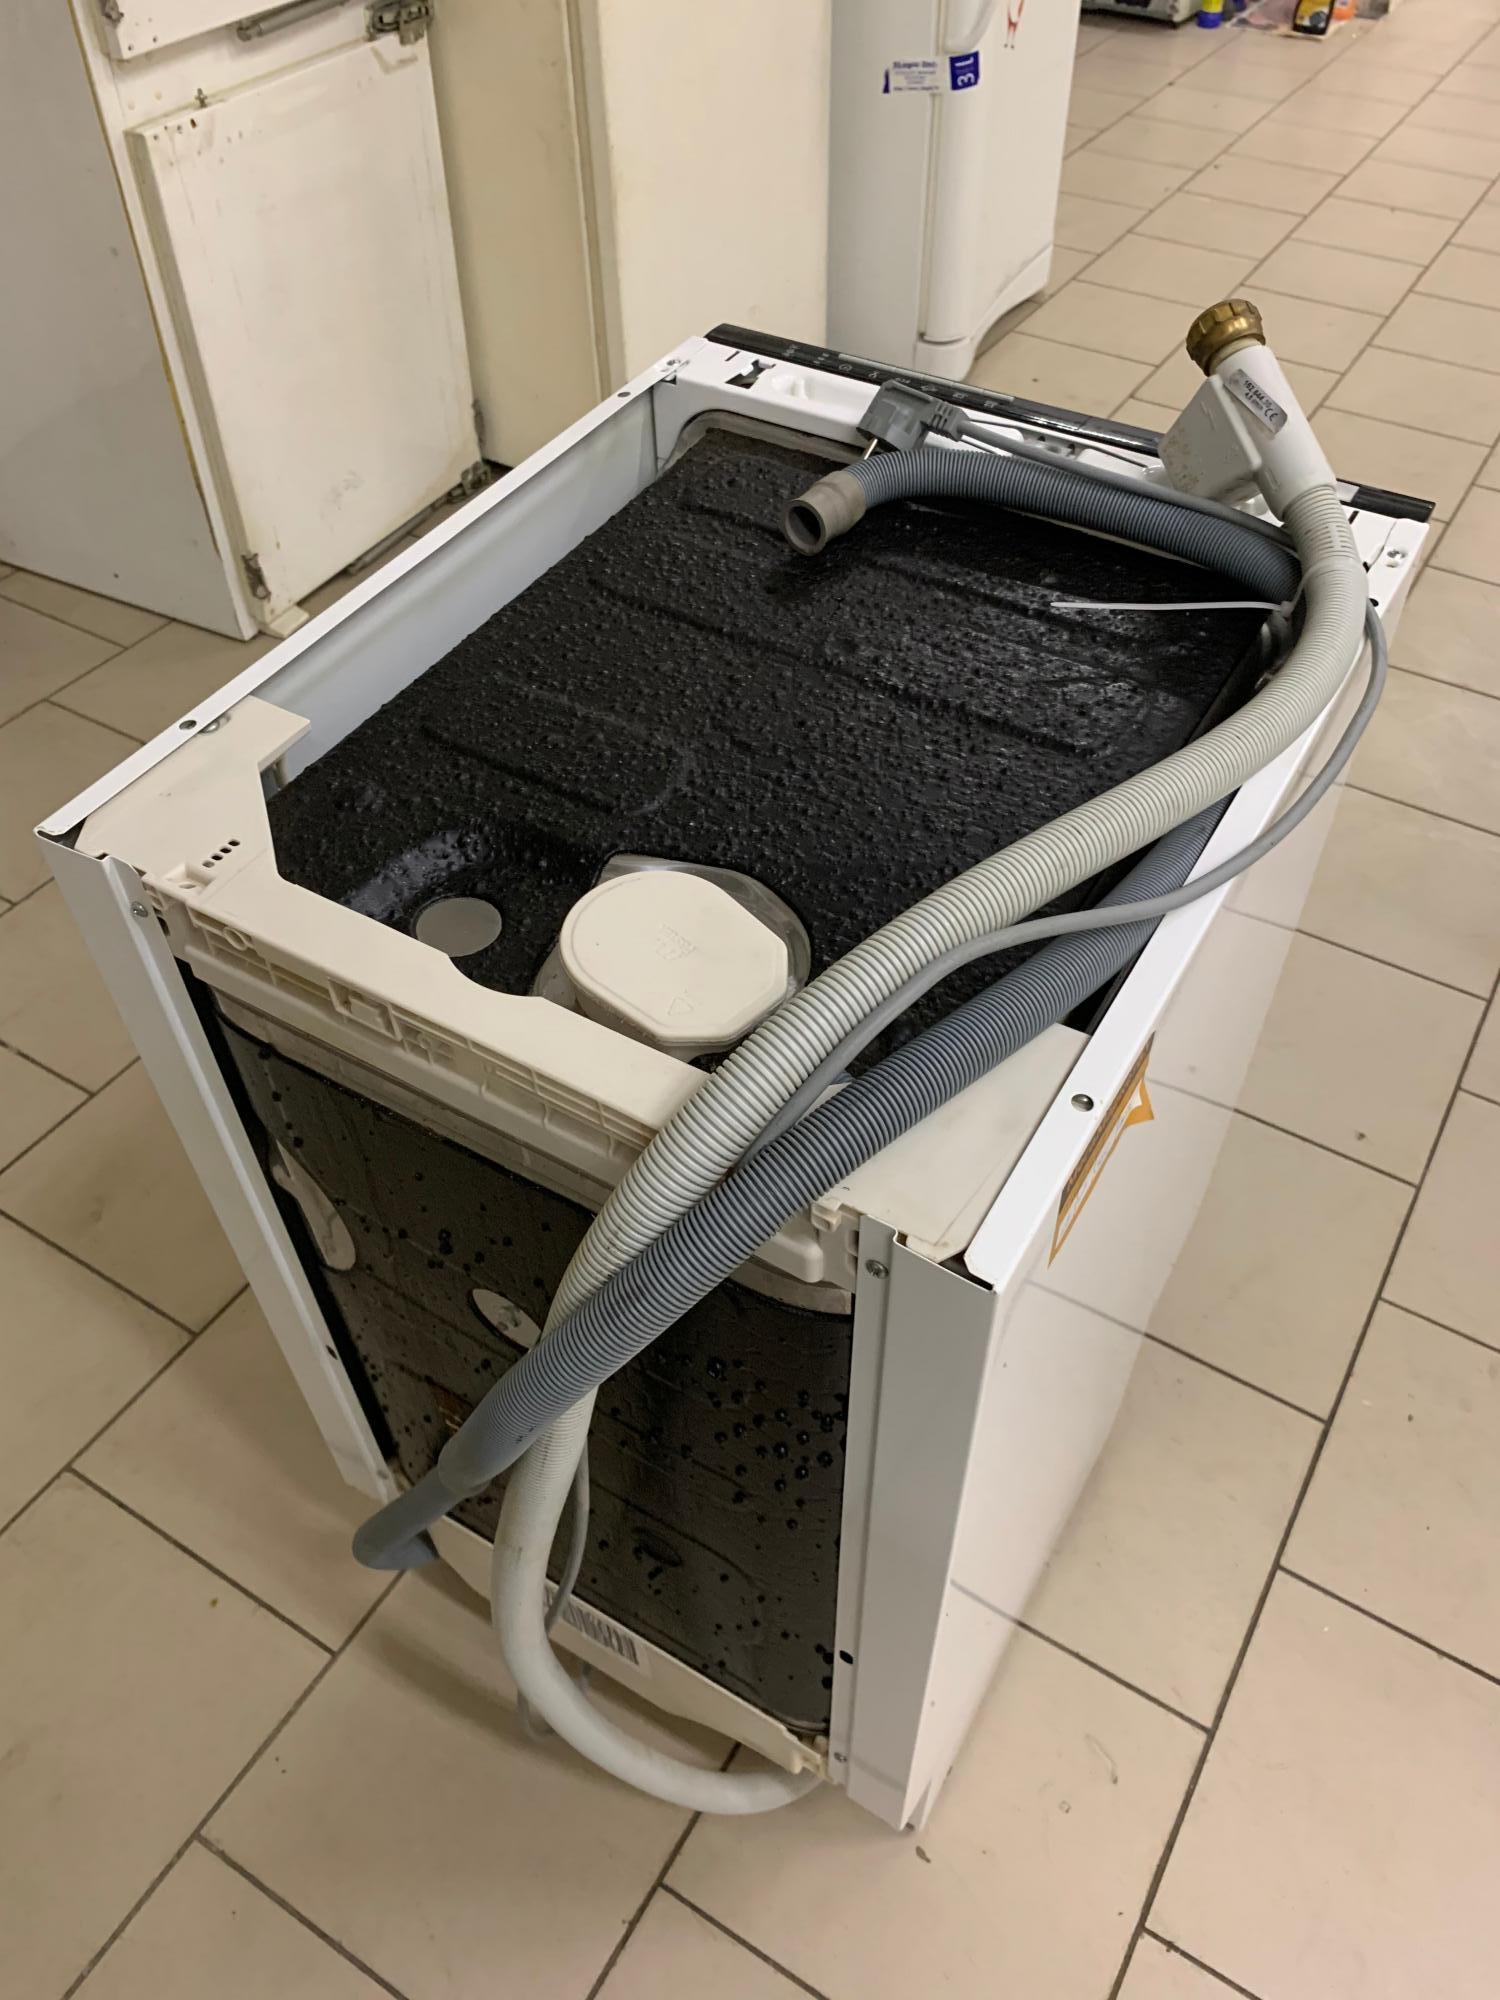 Посудомоечная машина б/у Electrolux ESL 45010 в Москве 89264600406 купить 4